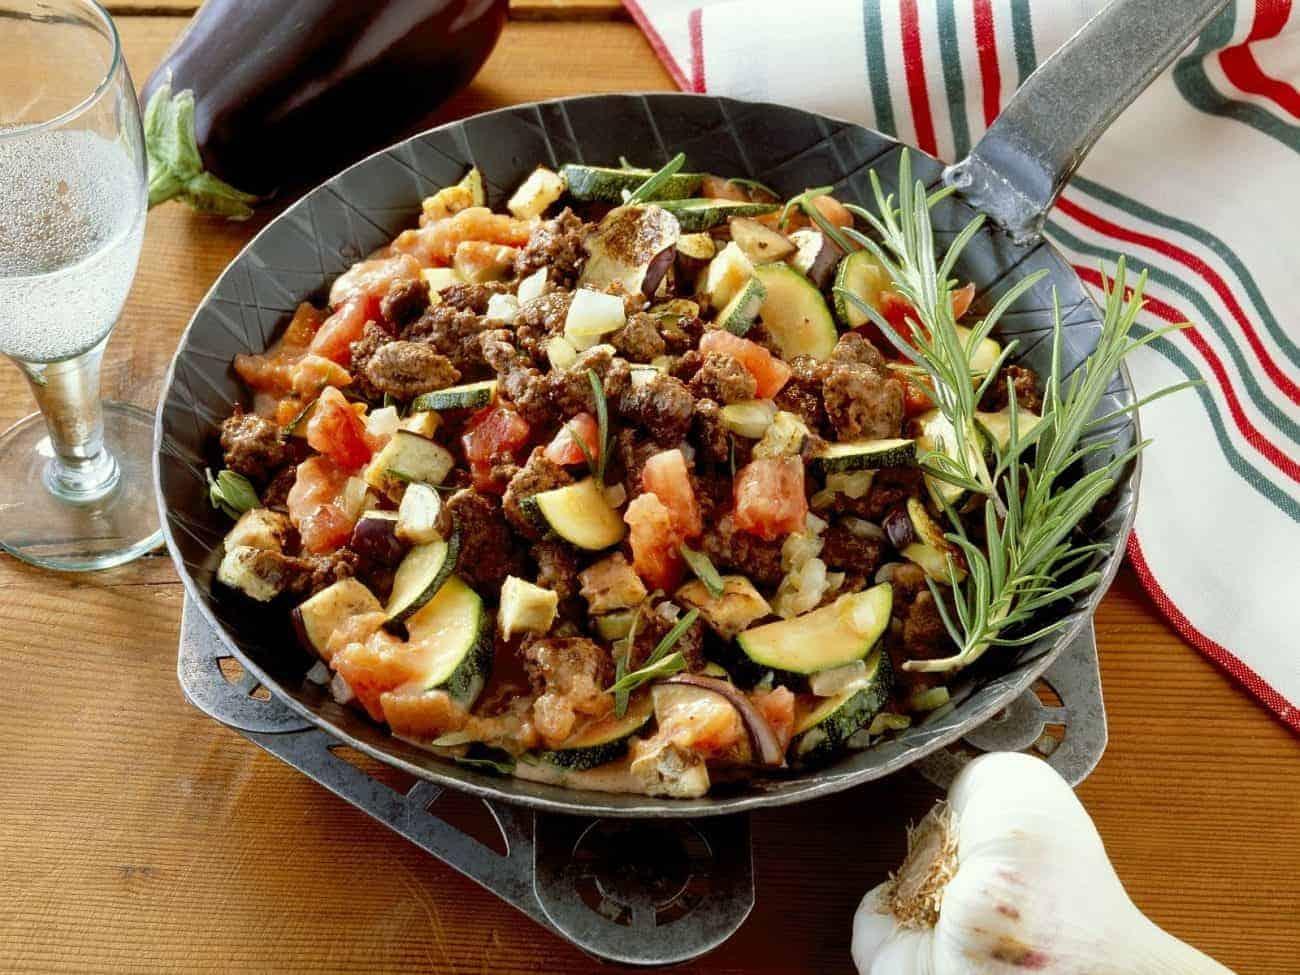 Kalorienarmes Rezept für Fleisch Gemüse Pfanne